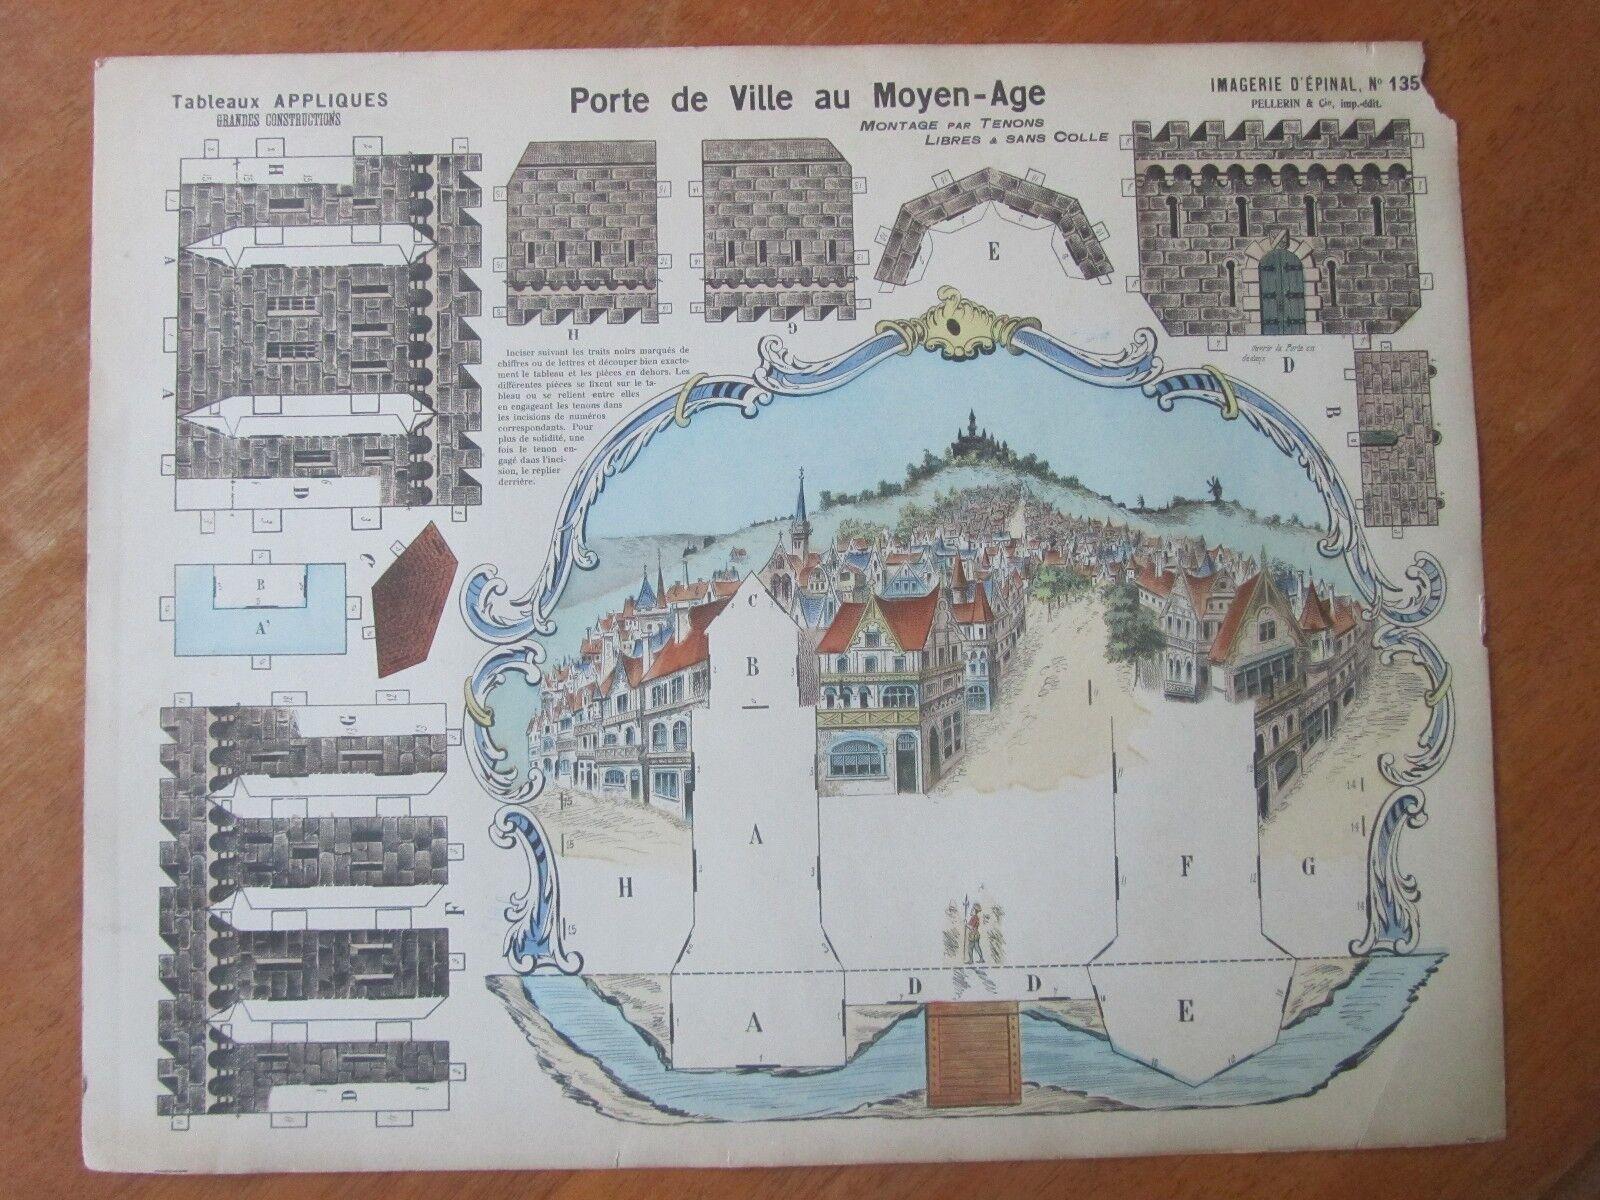 ANCIEN DECOUPAGE MAQUETTE PORTE VILLE AU MOYEN AGE IMAGERIE EPINAL PELLERIN